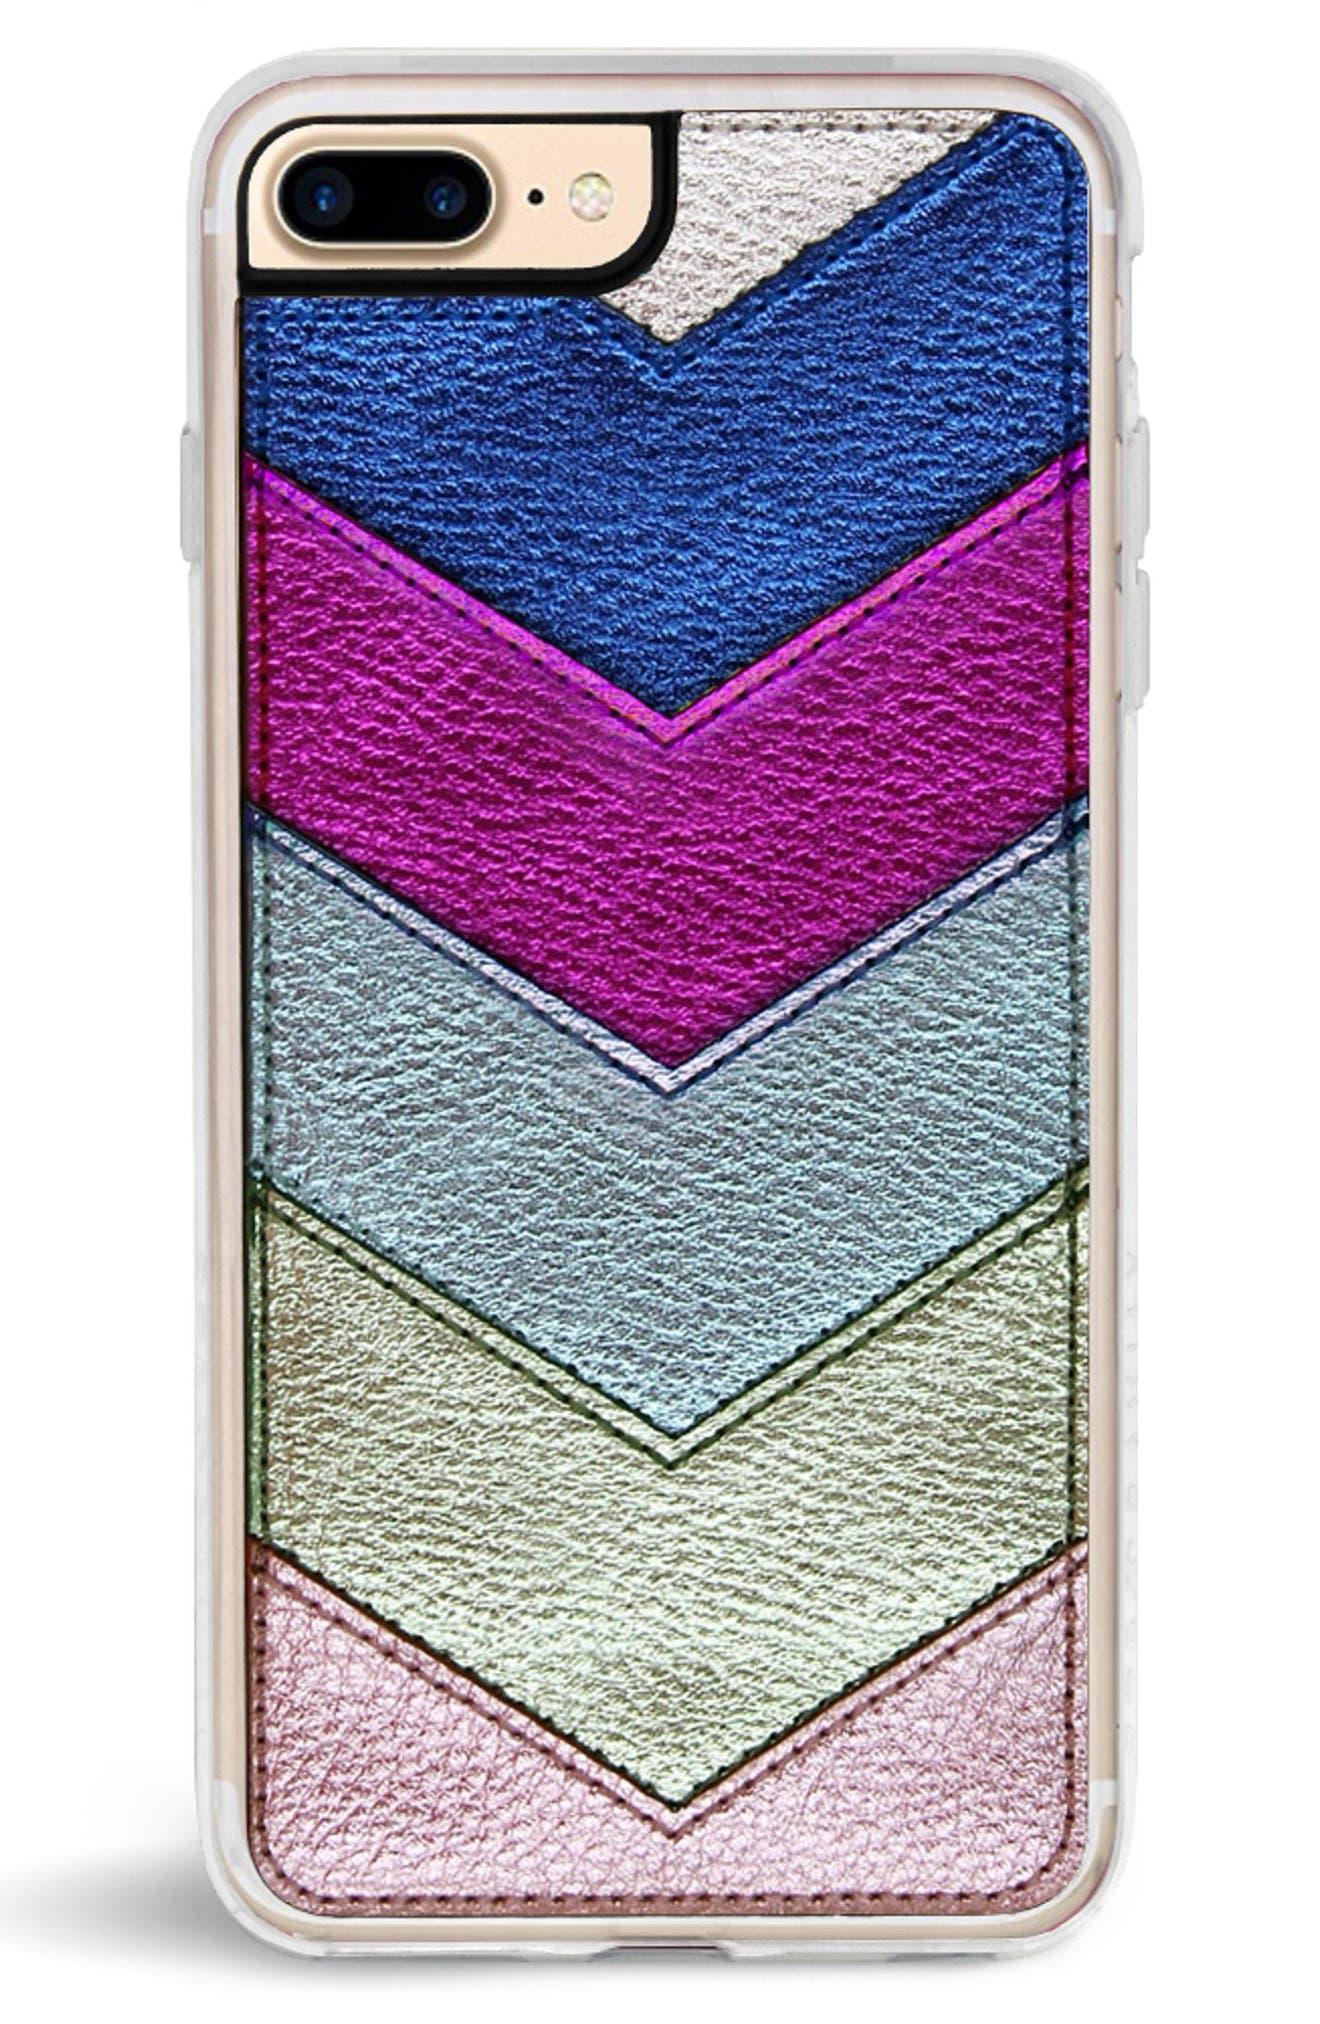 Chevron Faux Leather iPhone 6/6s/7/8 & 6/6s/7/8 Plus Case,                             Alternate thumbnail 7, color,                             650